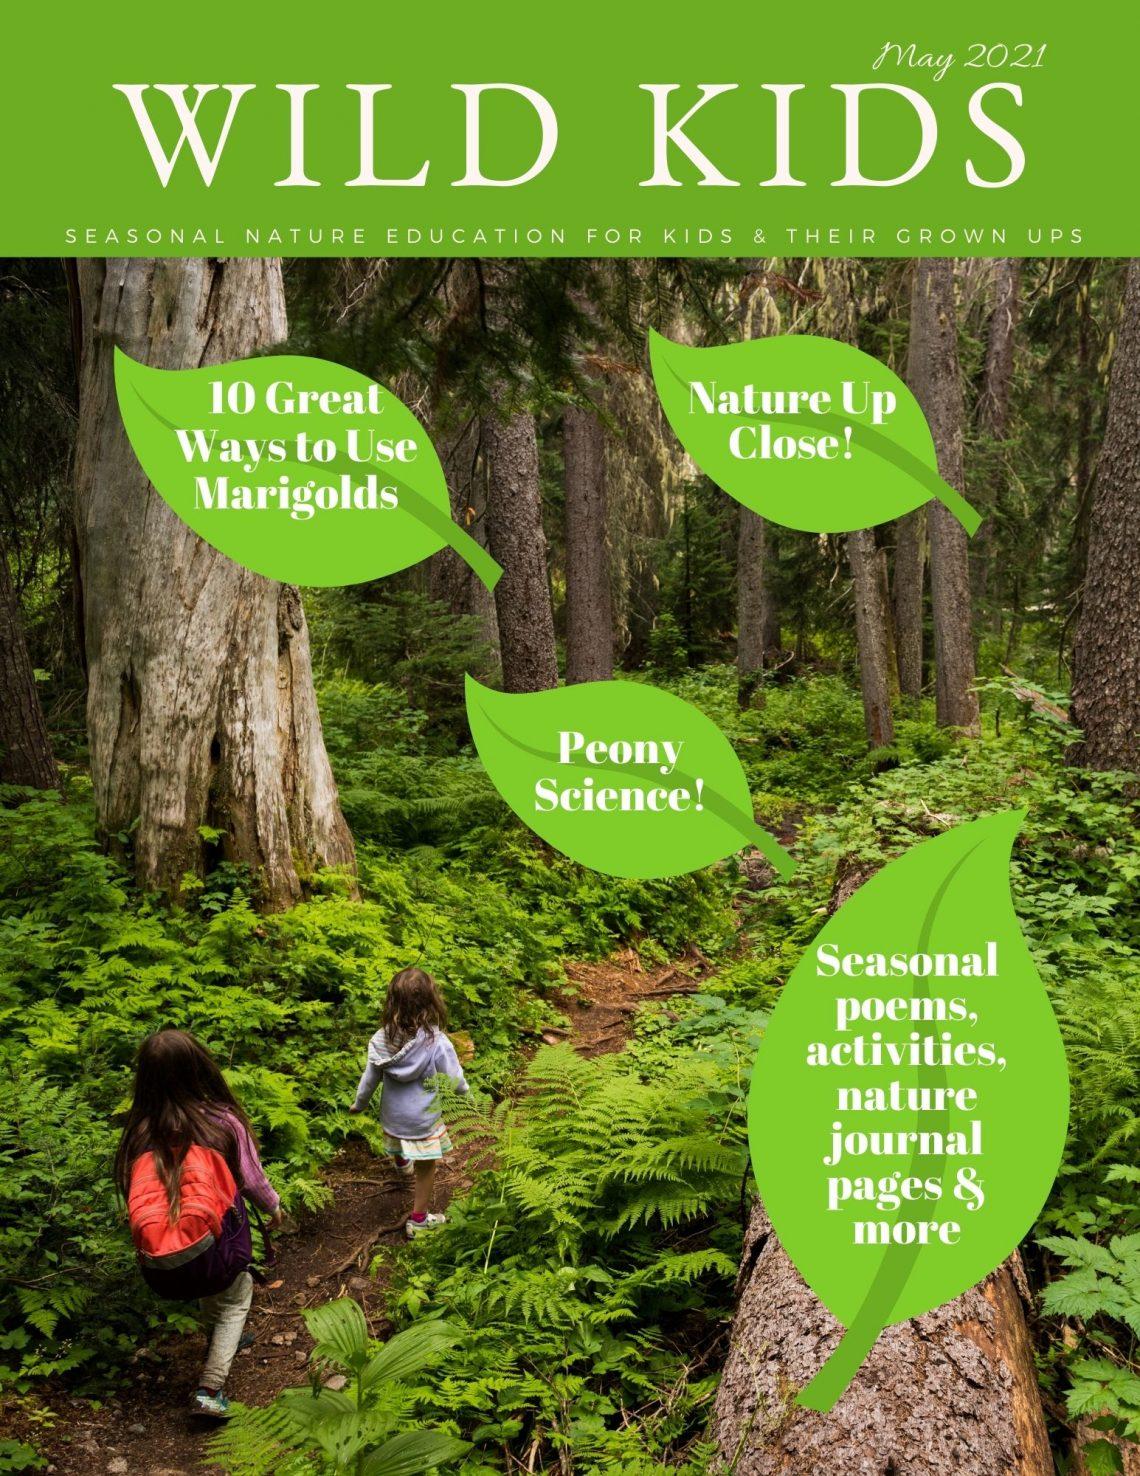 May 2021 Wild Kids Magazine